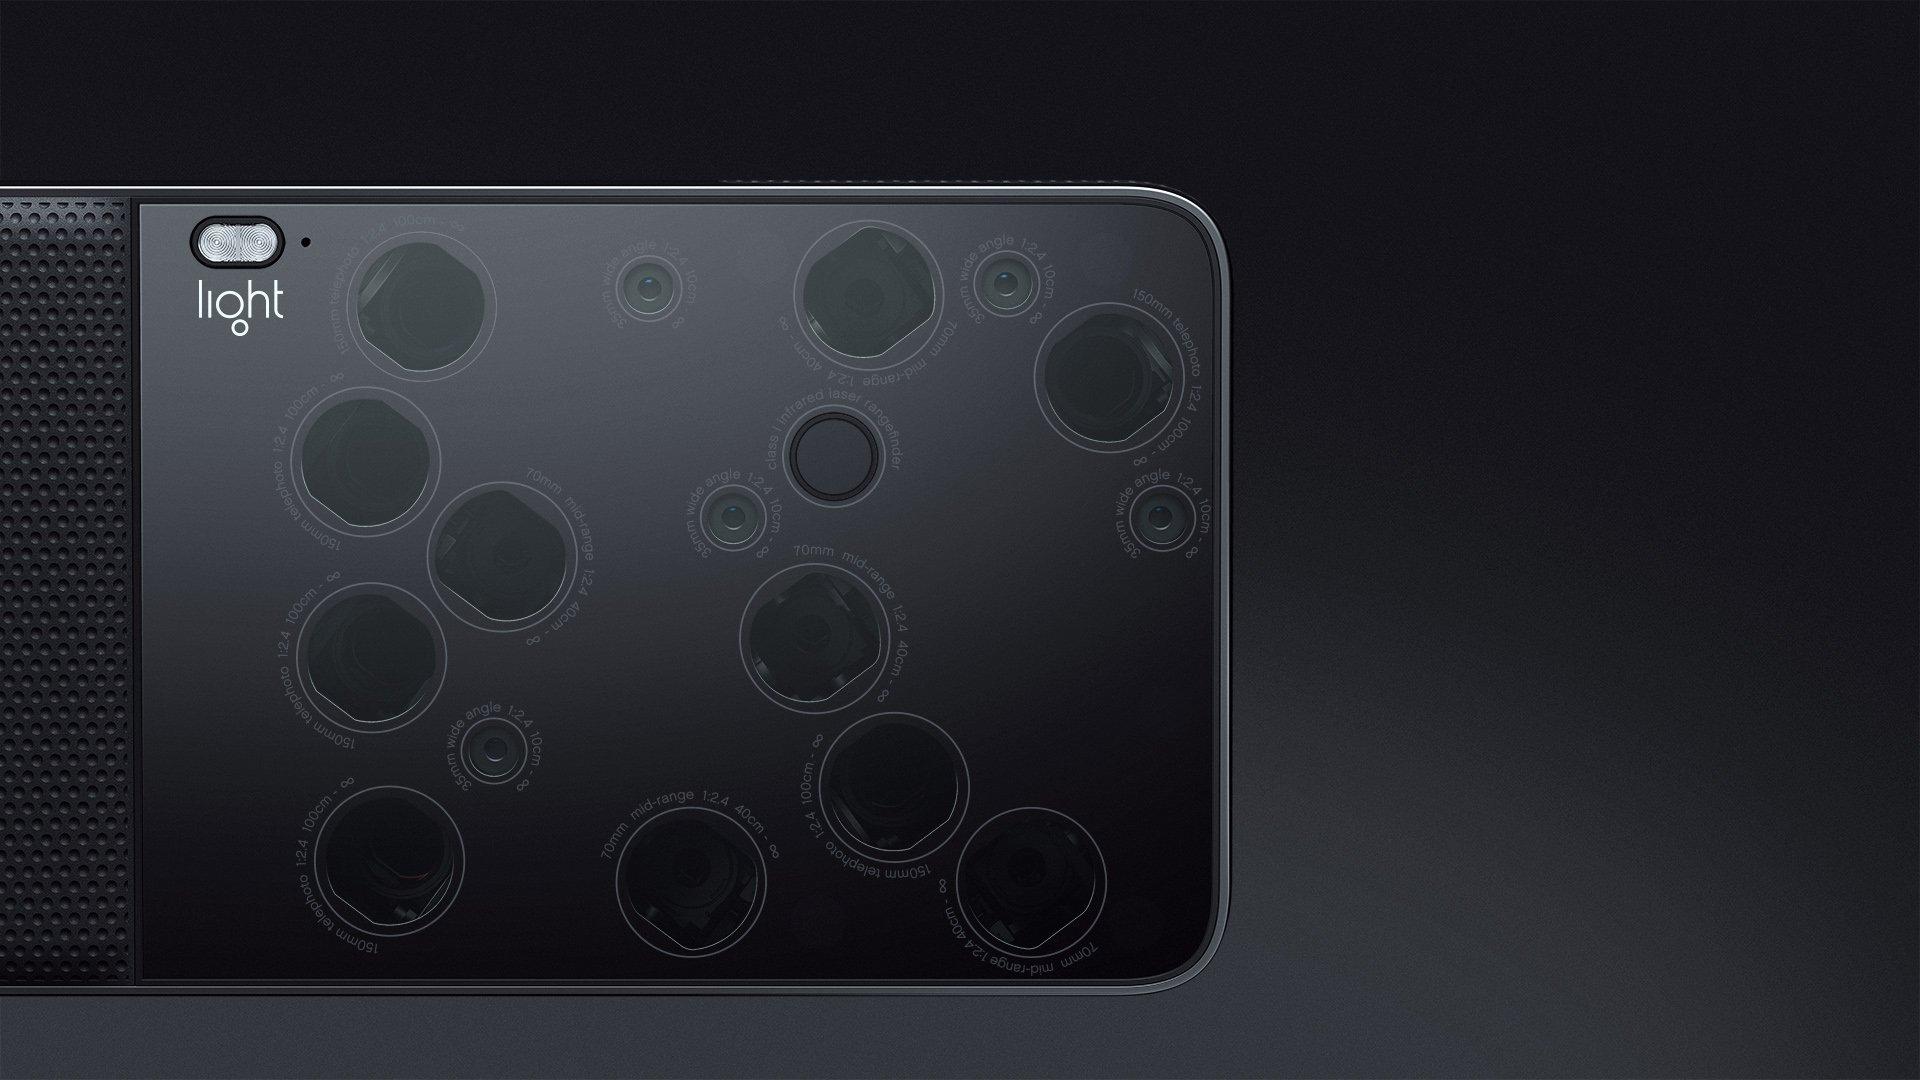 L'Américain Light veut concevoir un smartphone avec 9 capteurs photo !